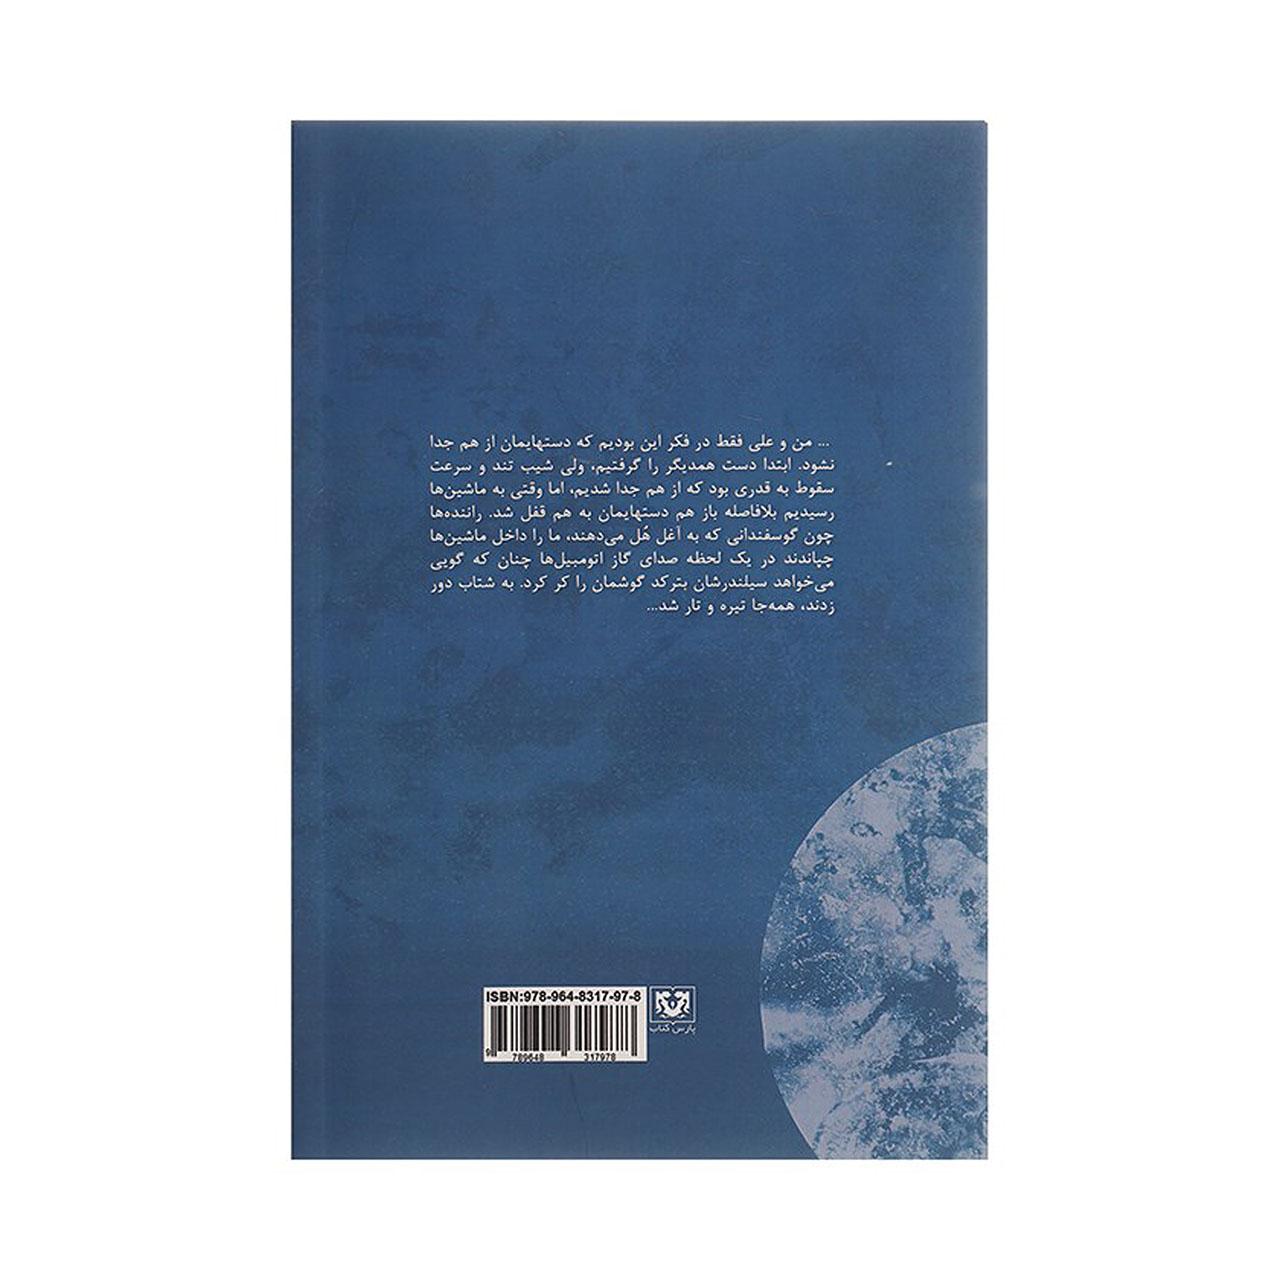 کتاب ماه با ماه بود اثر خسرو کمالی